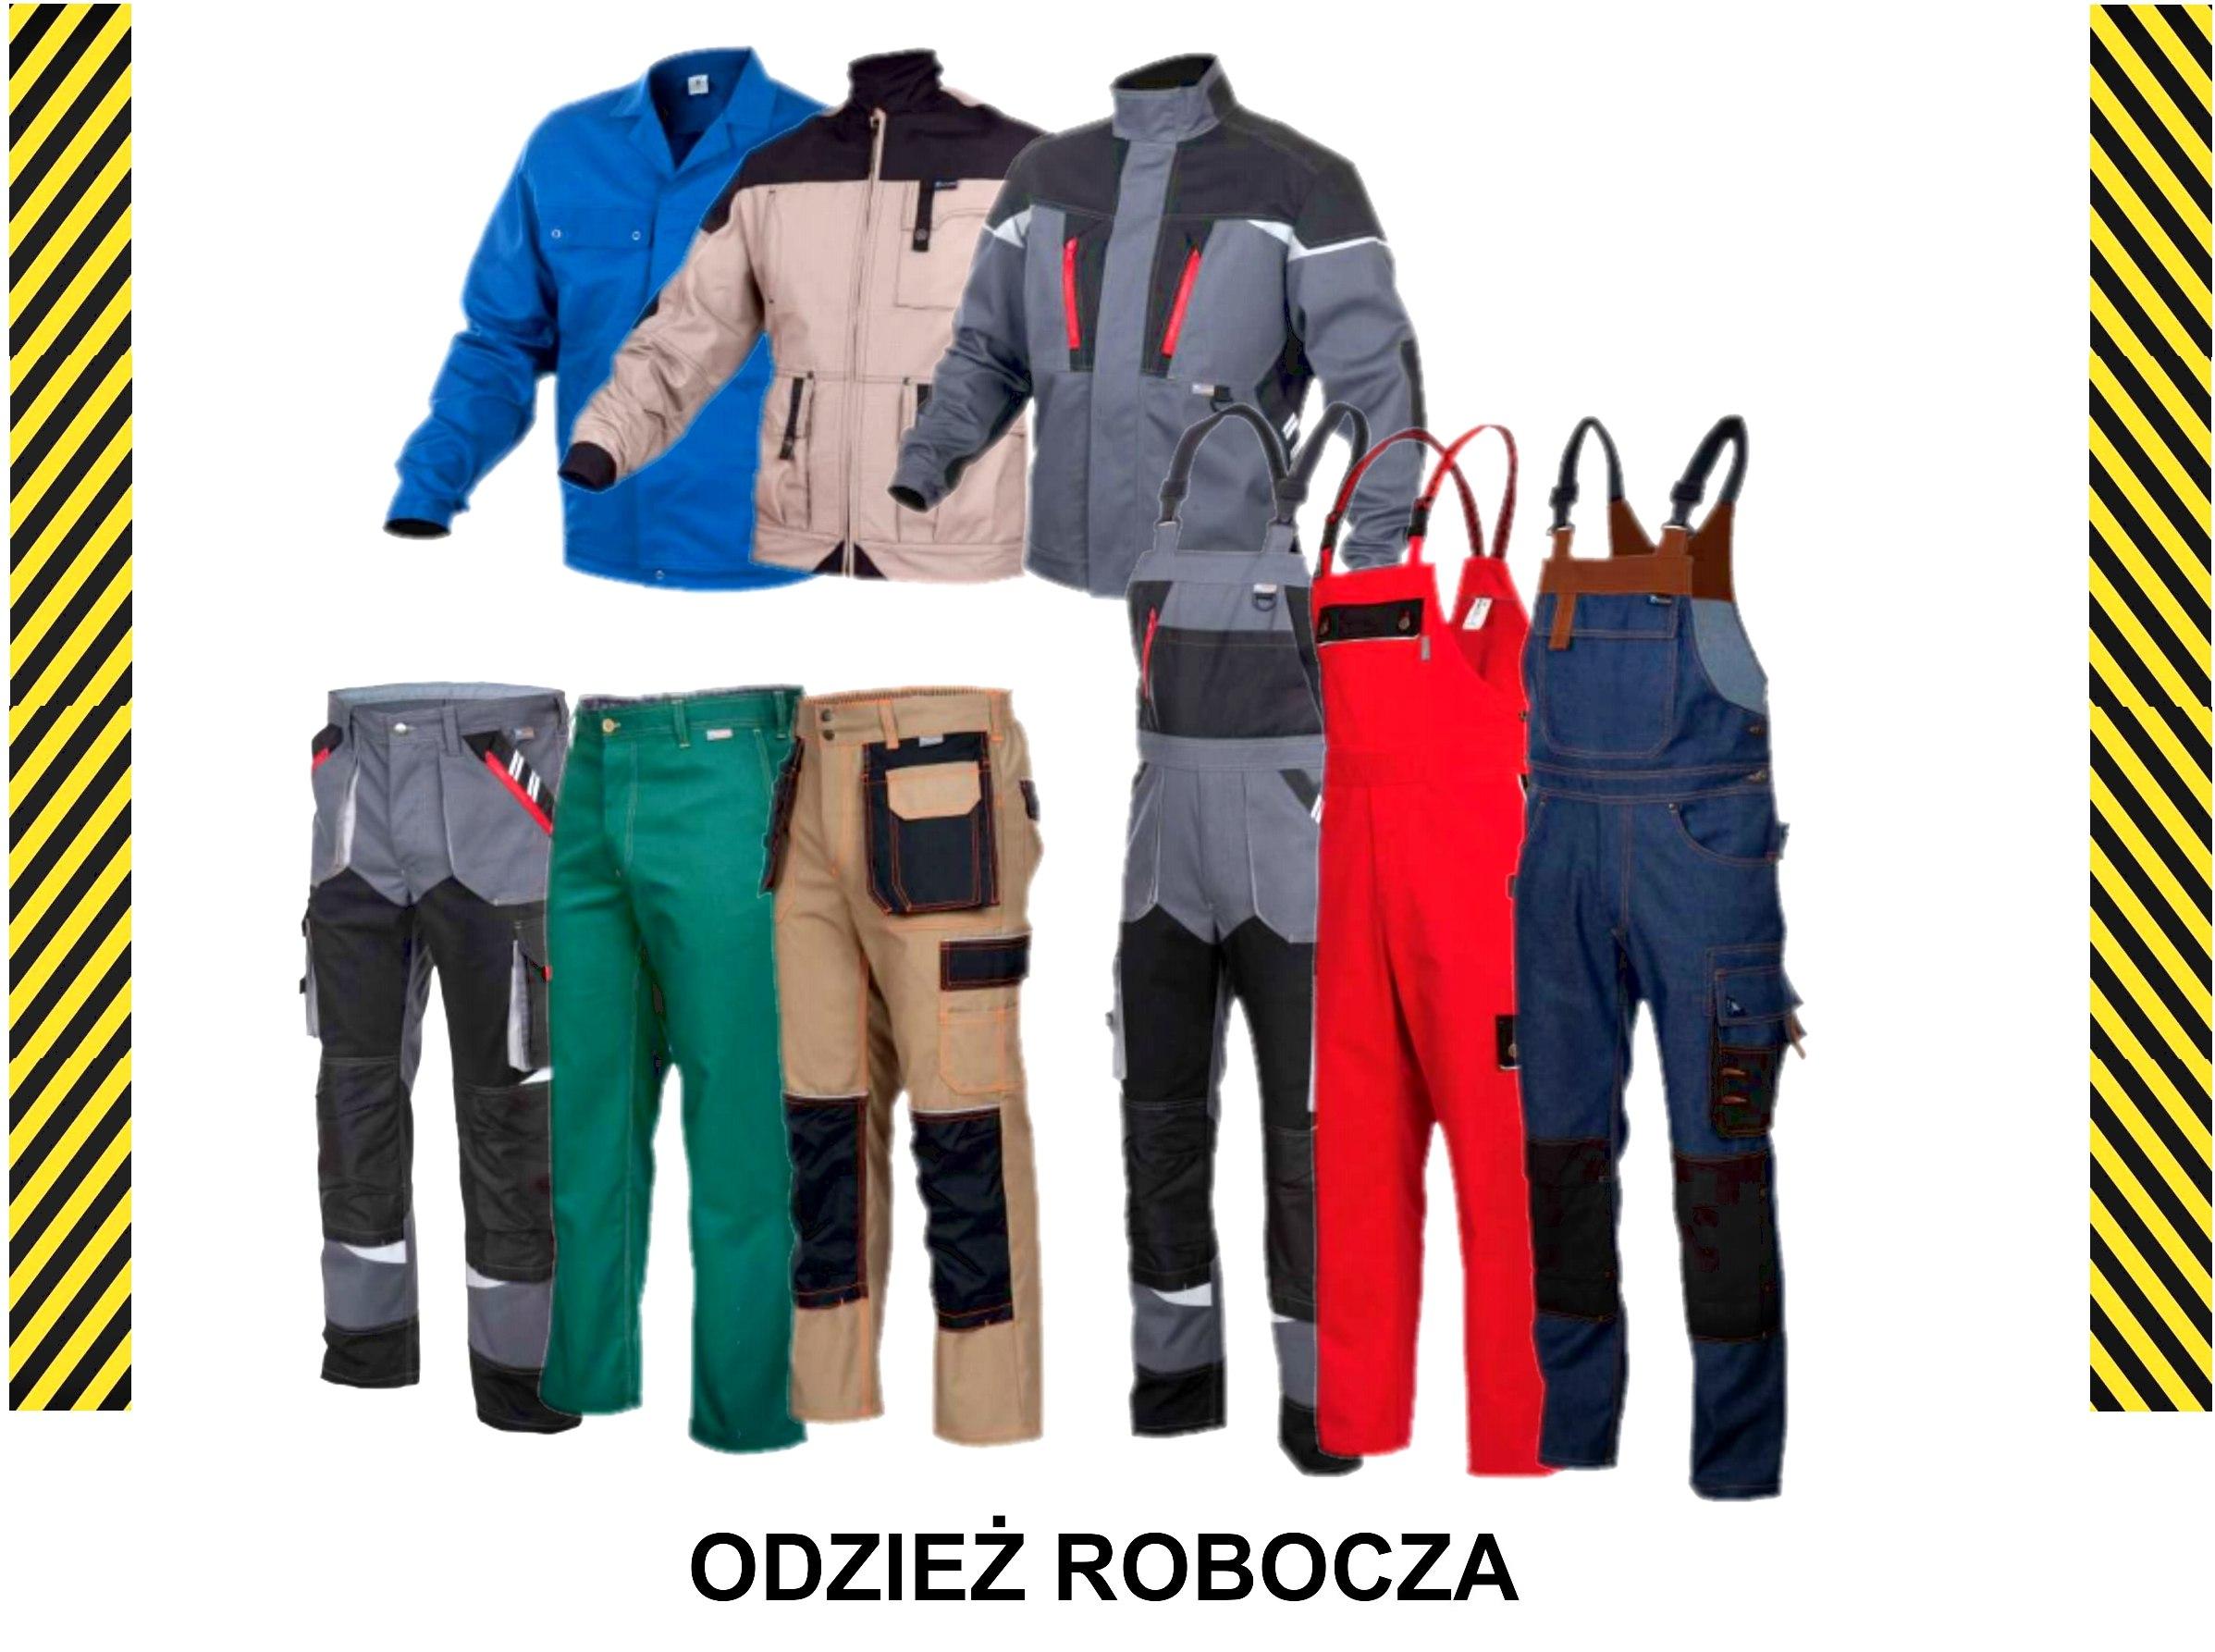 9c7b5bfdf Odzież robocza, buty robocze - Sklep i Hurtownia BHP